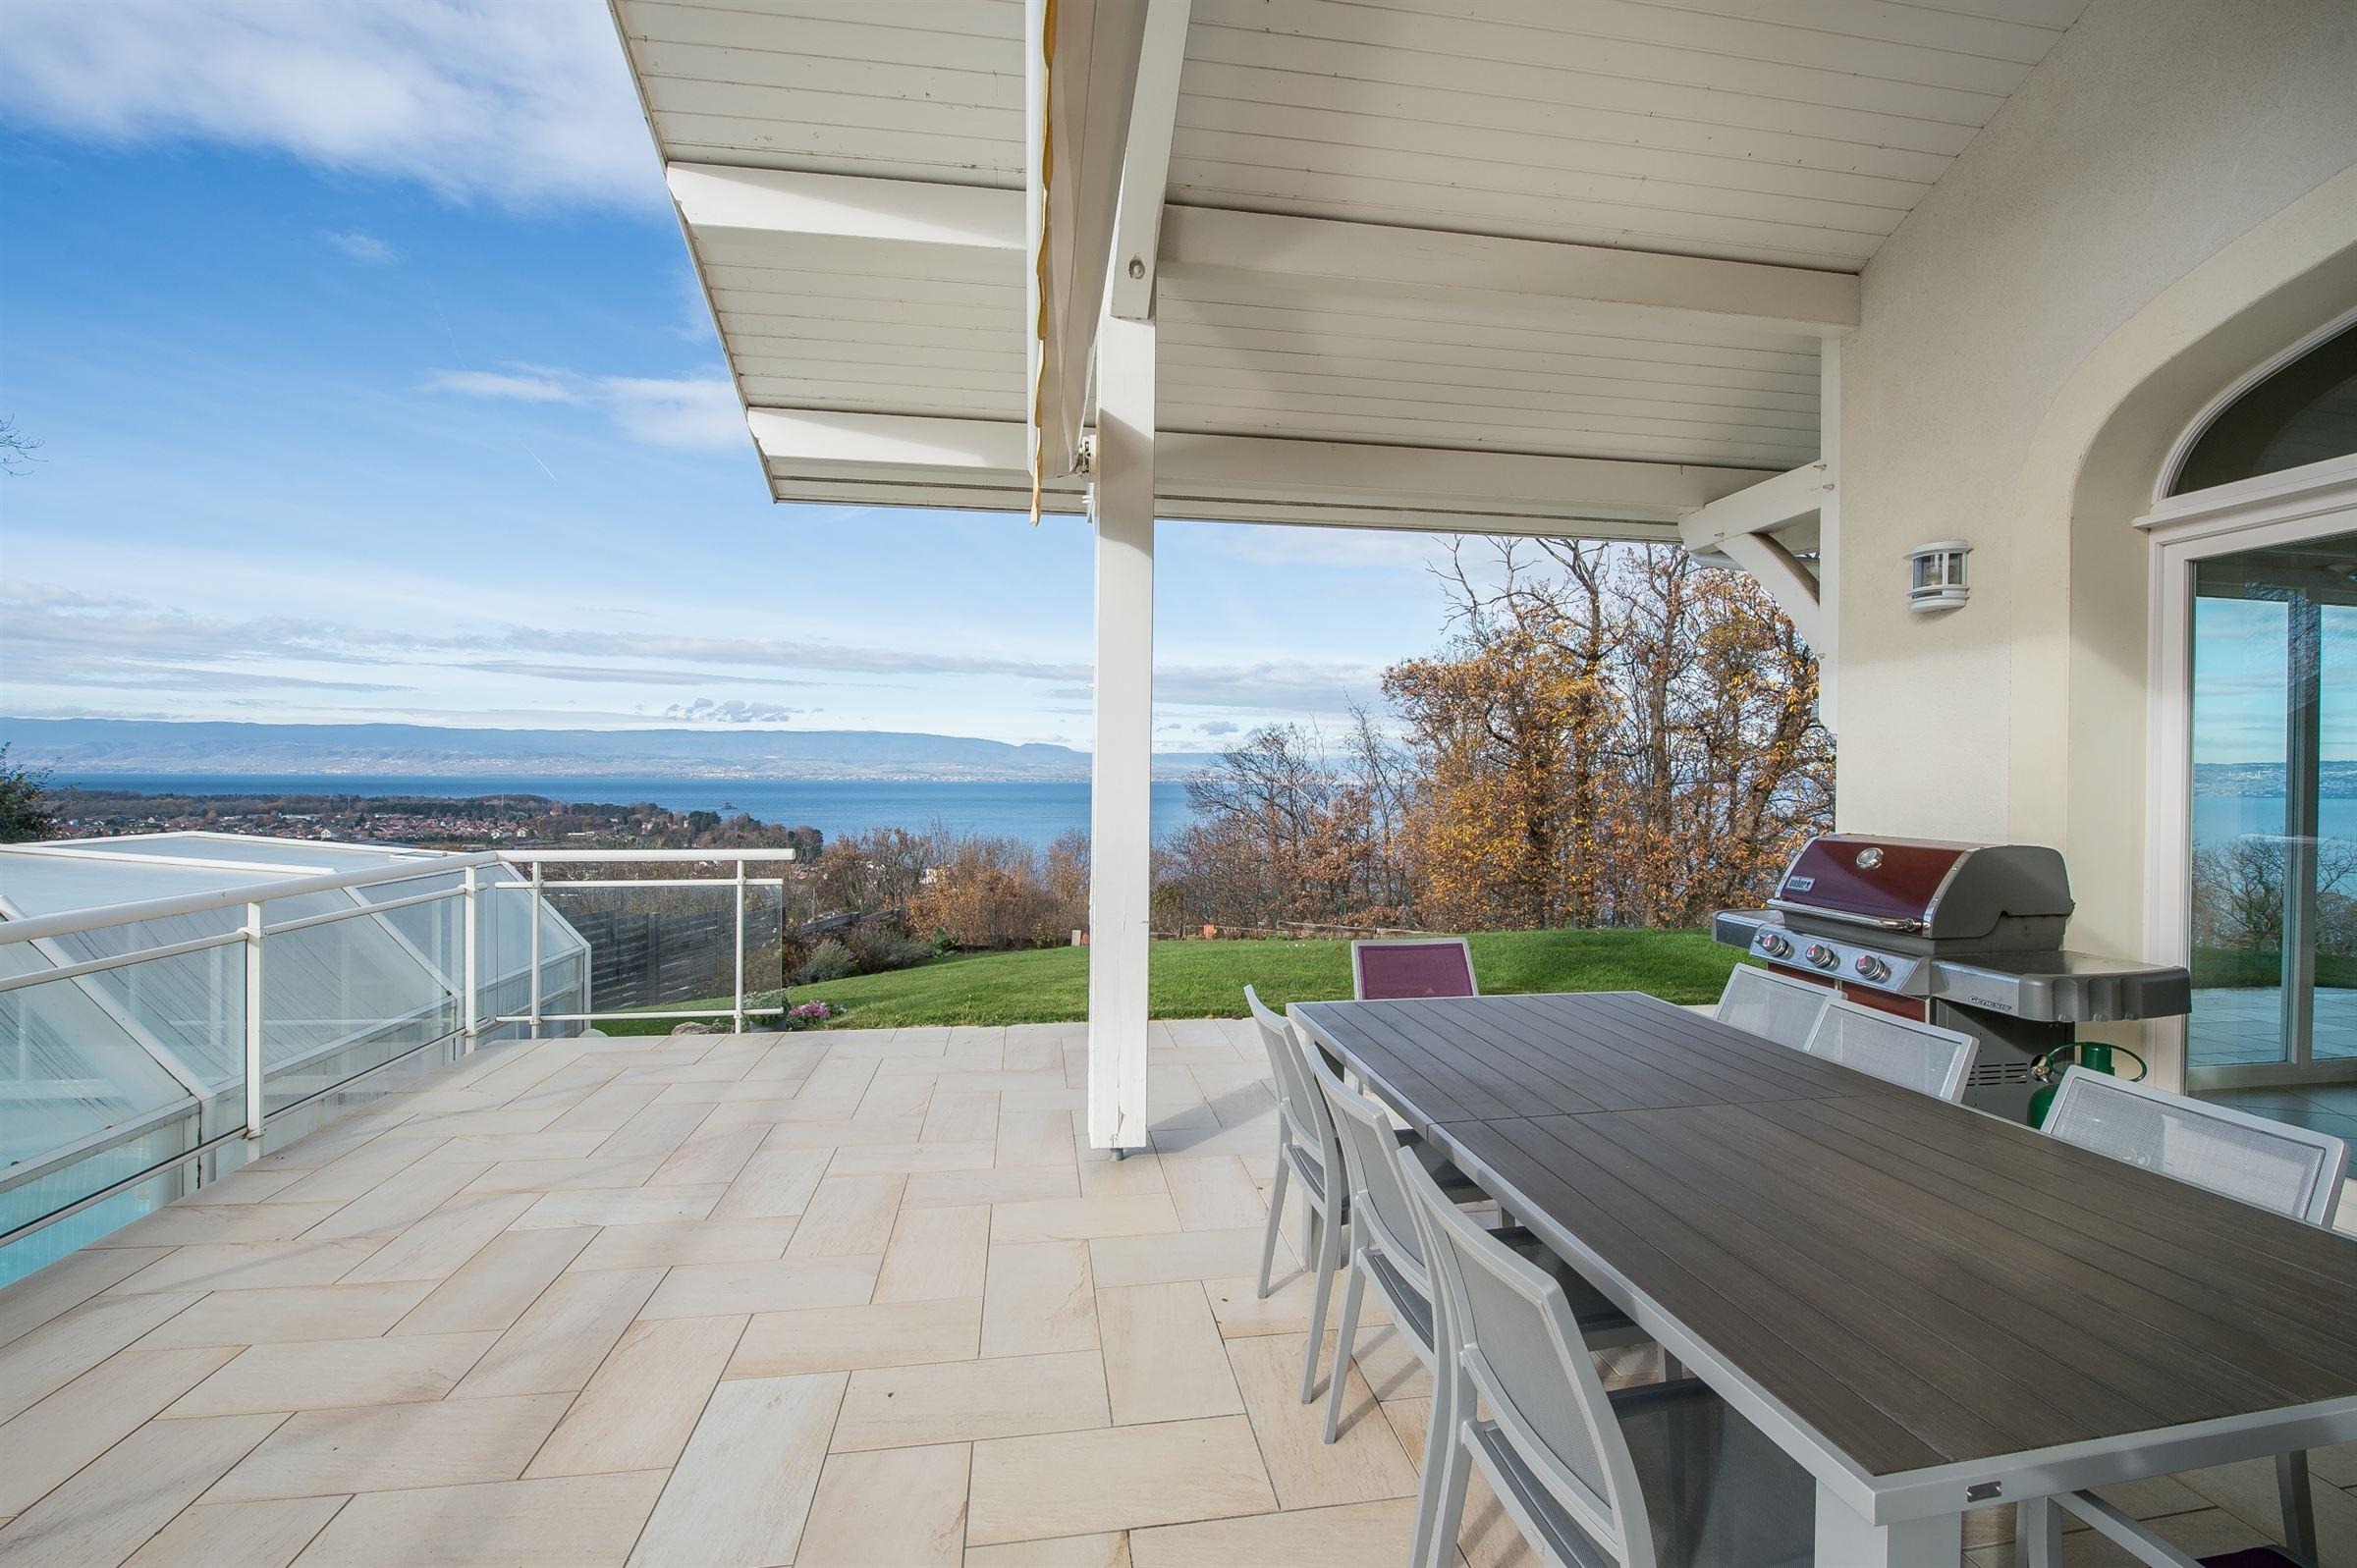 Casa para uma família para Venda às PUBLIER : NICE VILLA LAKE VIEW Publier, Rhone-Alpes, 74500 França